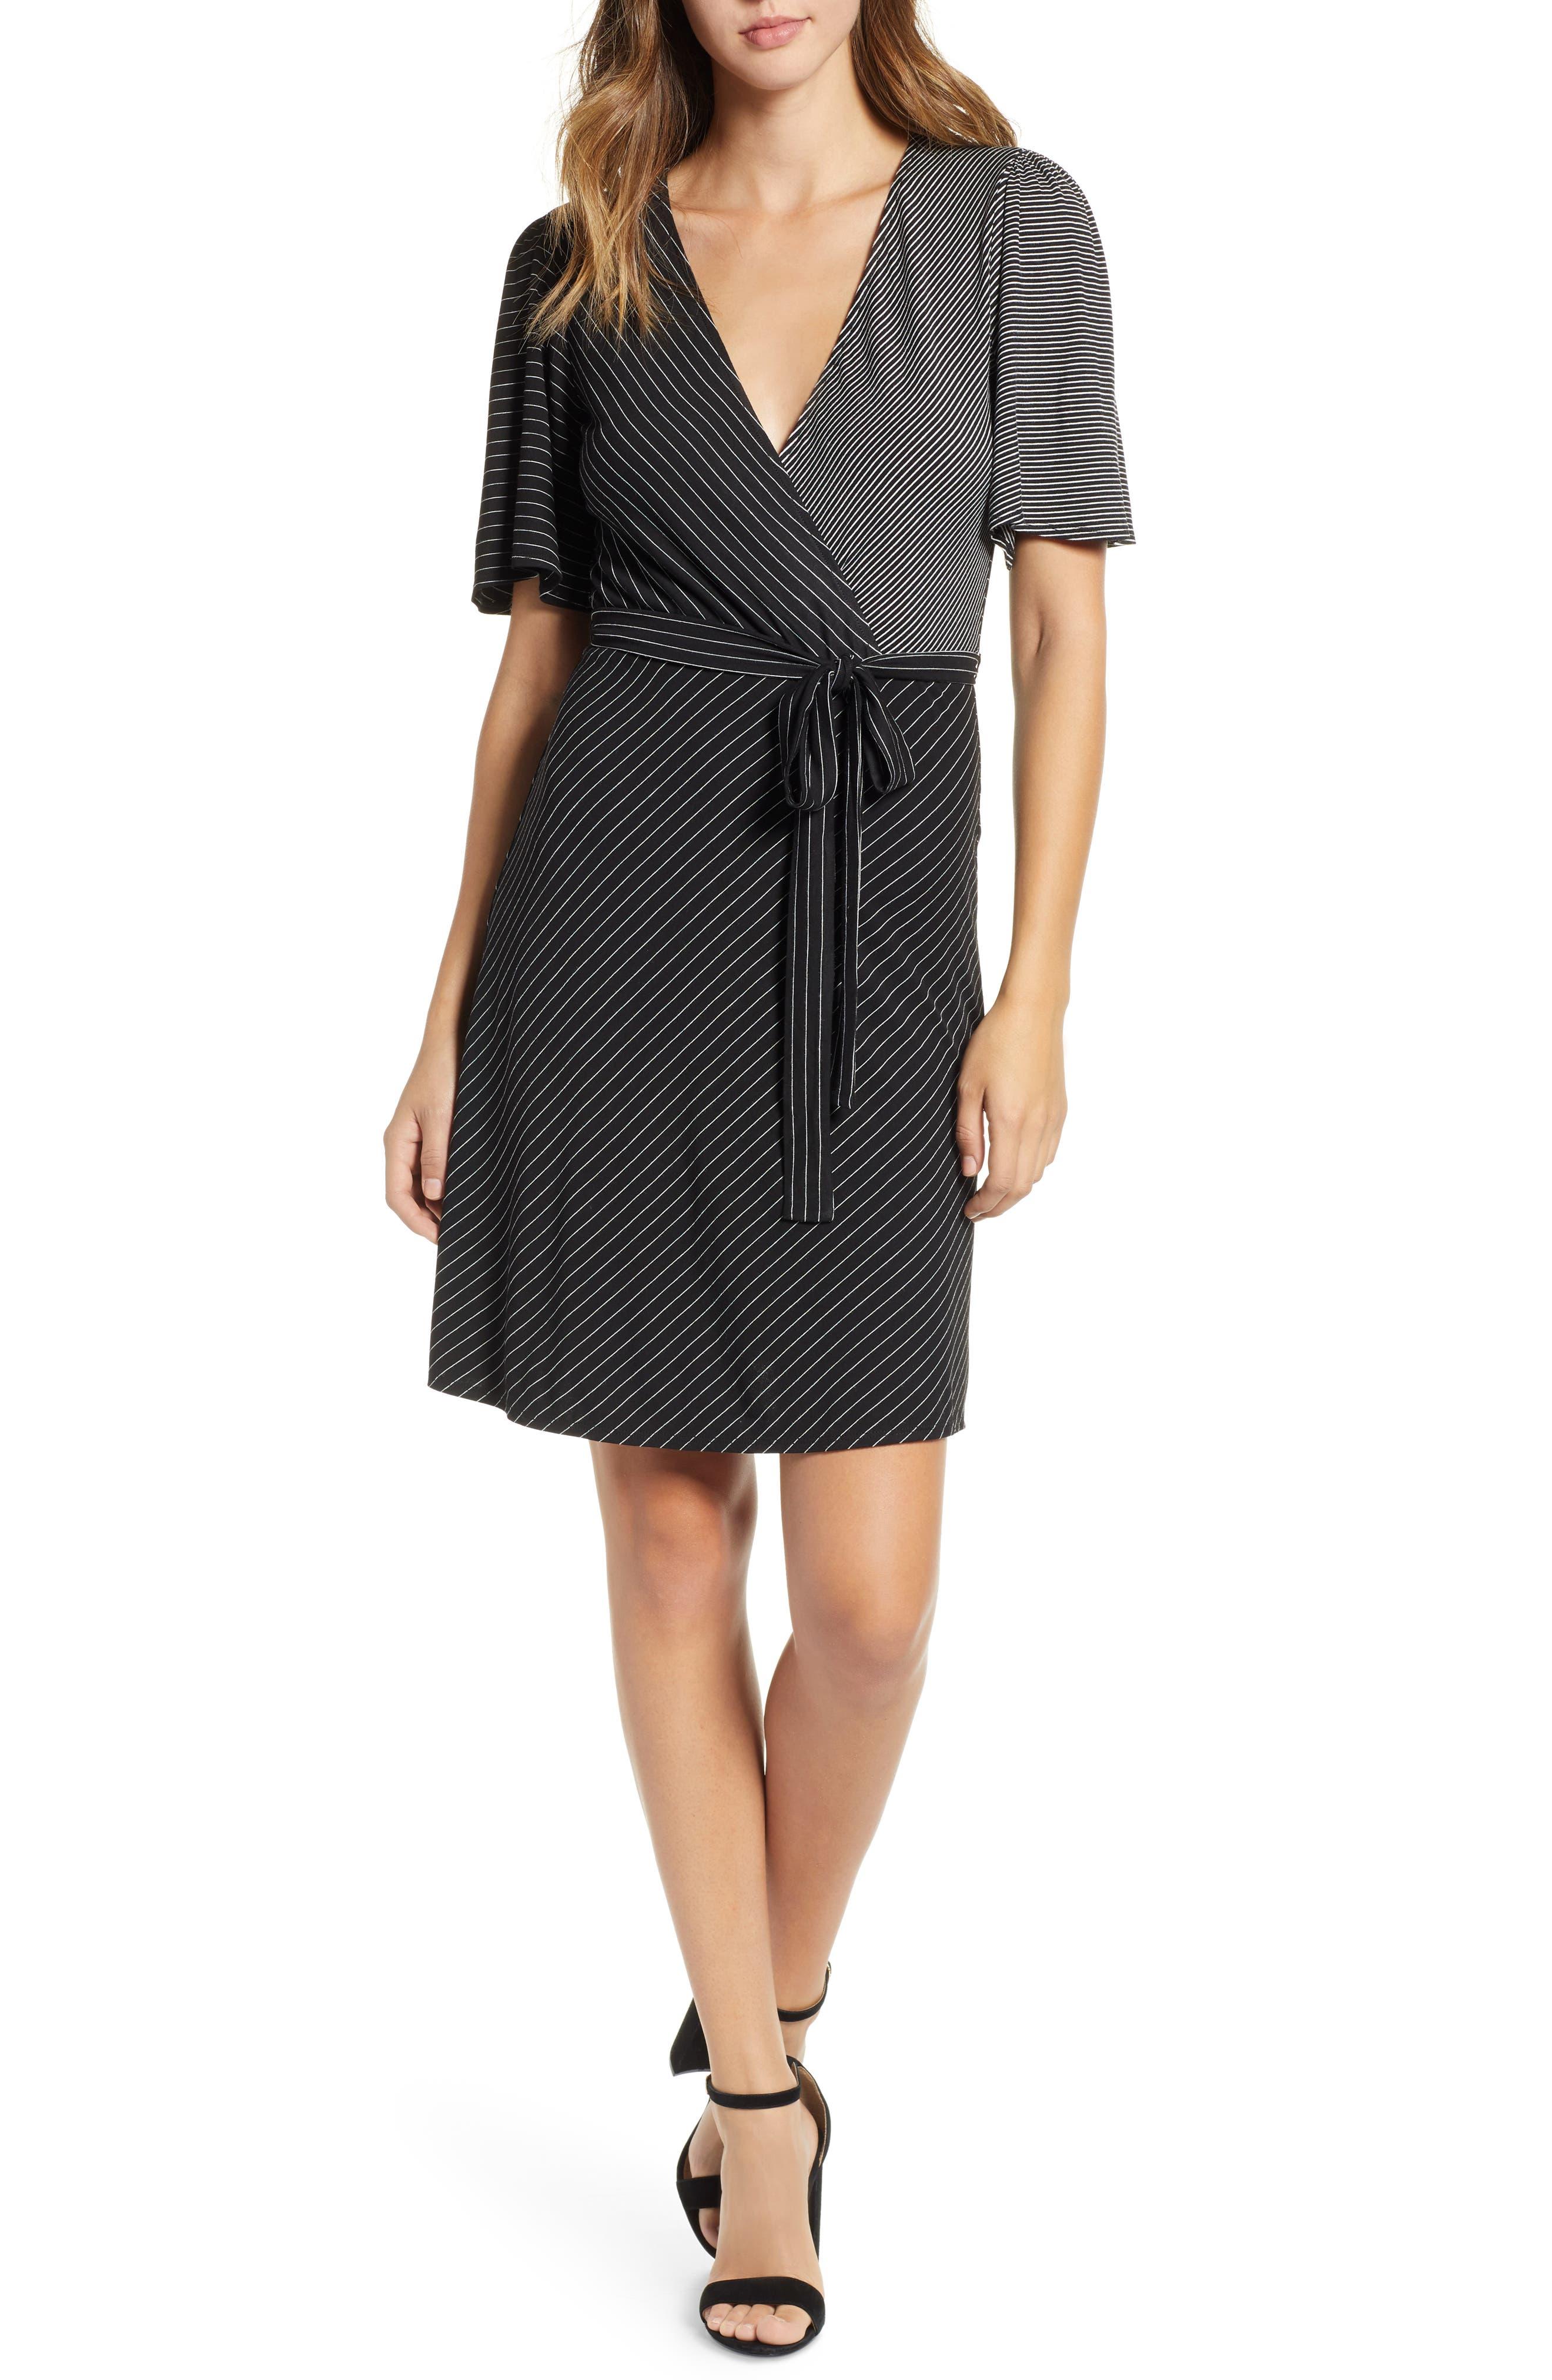 Socialite Mix Stripe Dress, Black